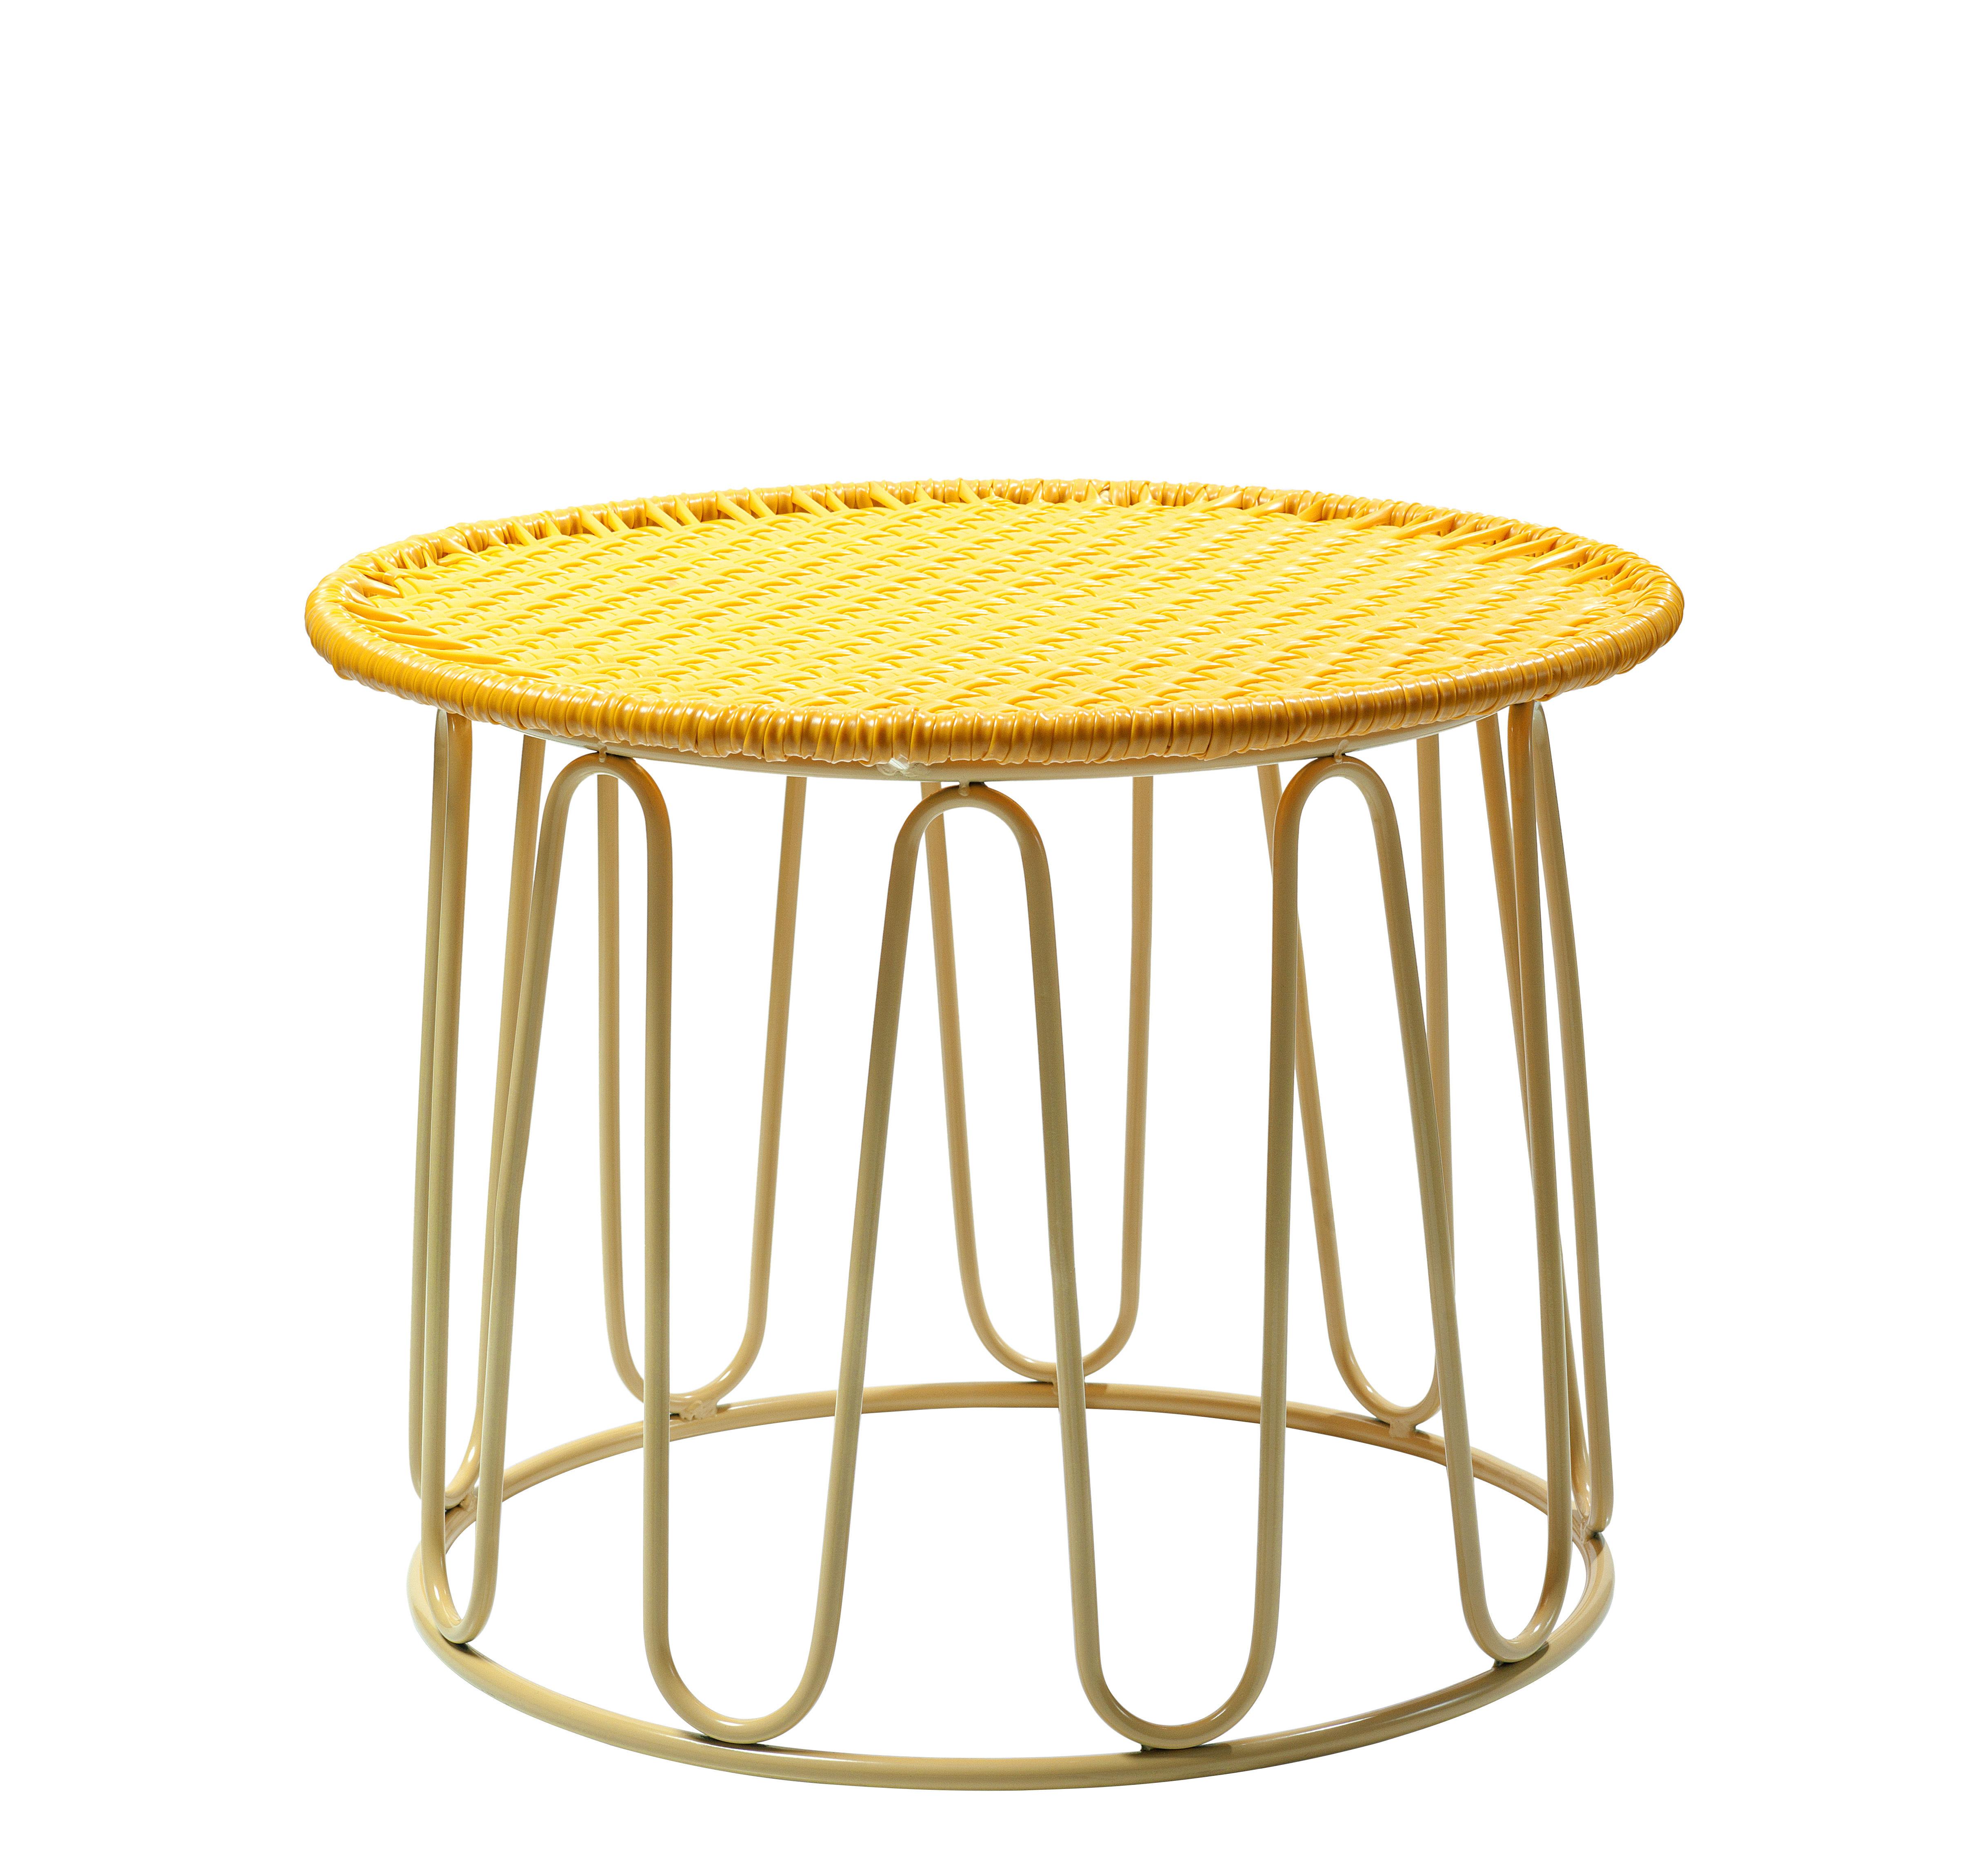 Mobilier - Tables basses - Table basse Circo / Ø 51 x H 42 cm - ames - Jaune / Pied sable - Acier galvanisé thermo-laqué, Fils de plastique recyclé